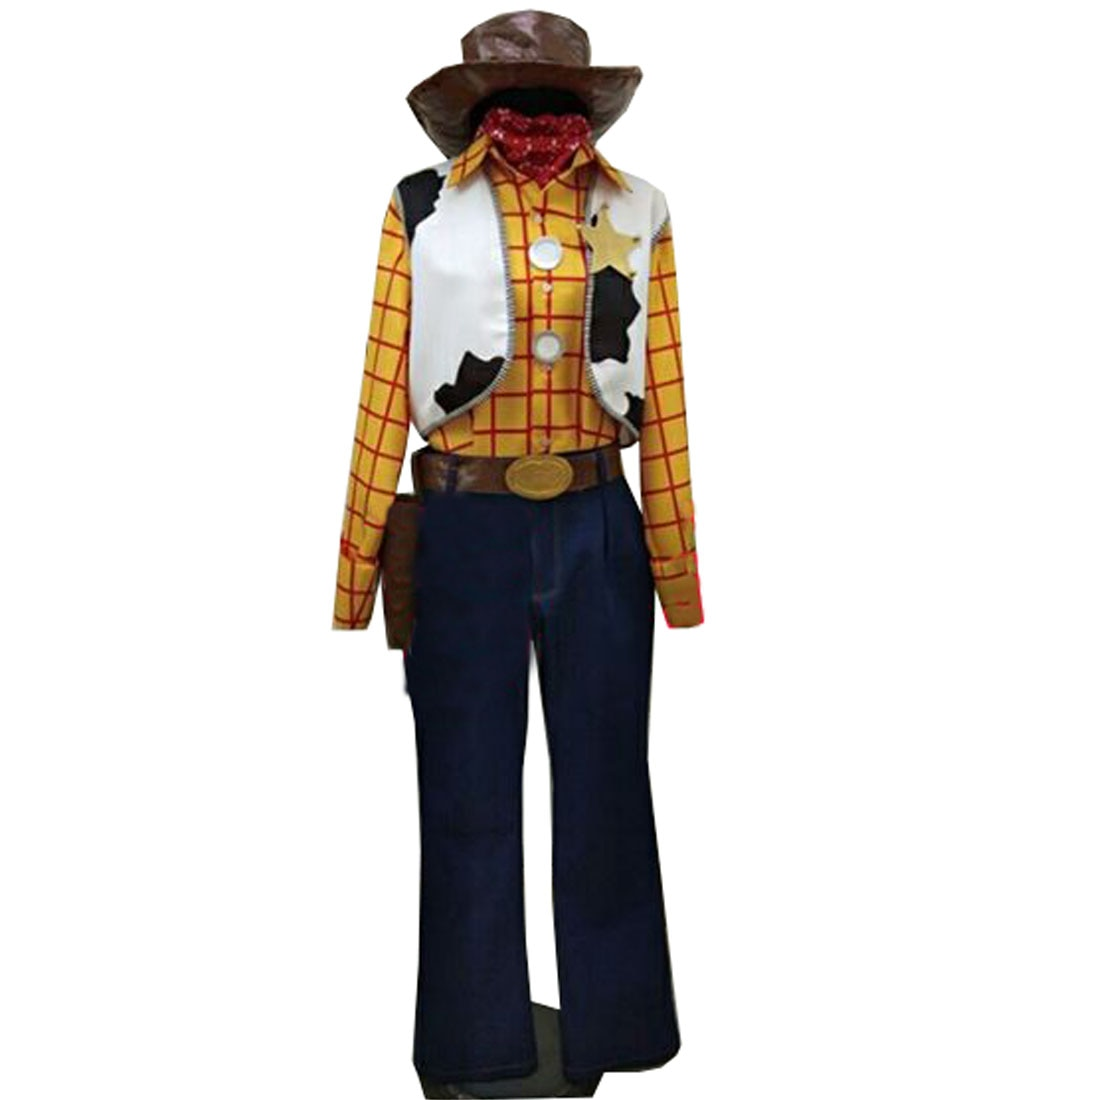 Disfraz de Toy Story 4 de Bo Peep, disfraz de Cosplay de la película de Anime de gran calidad, disfraz de Woody, disfraz de Halloween, 2019